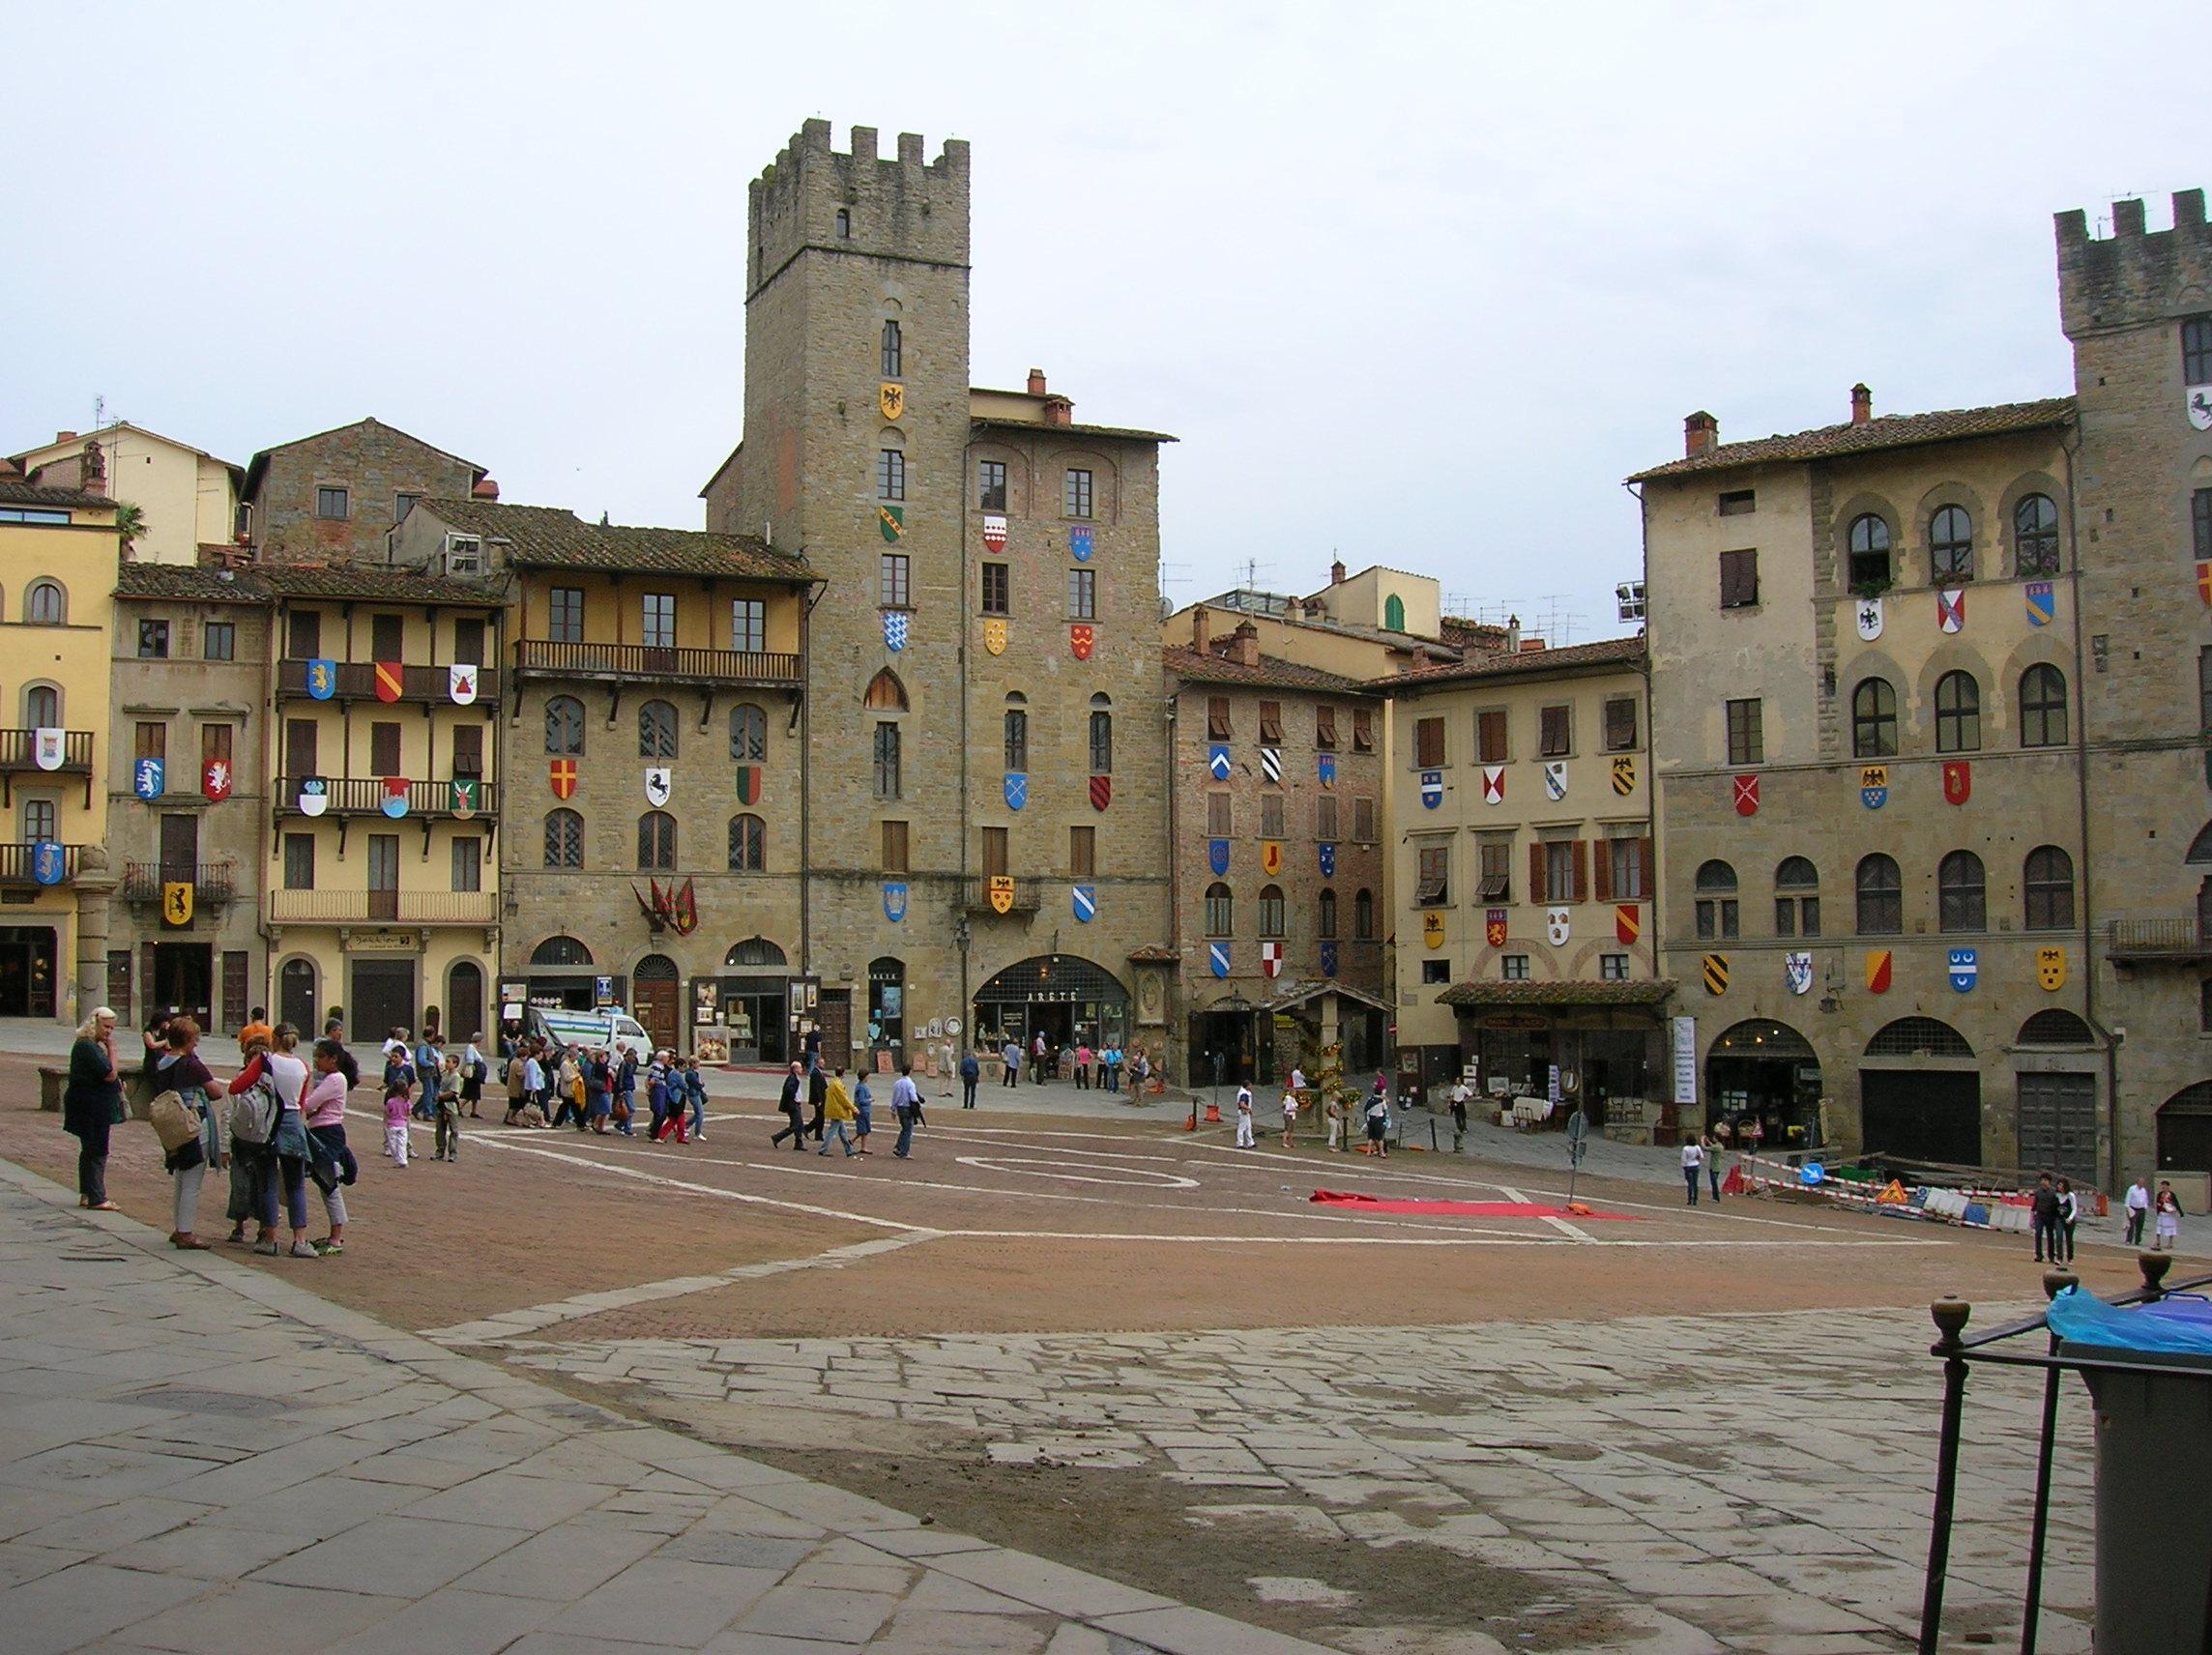 Piazza_Grande_Arezzo.JPG (2288×1712)